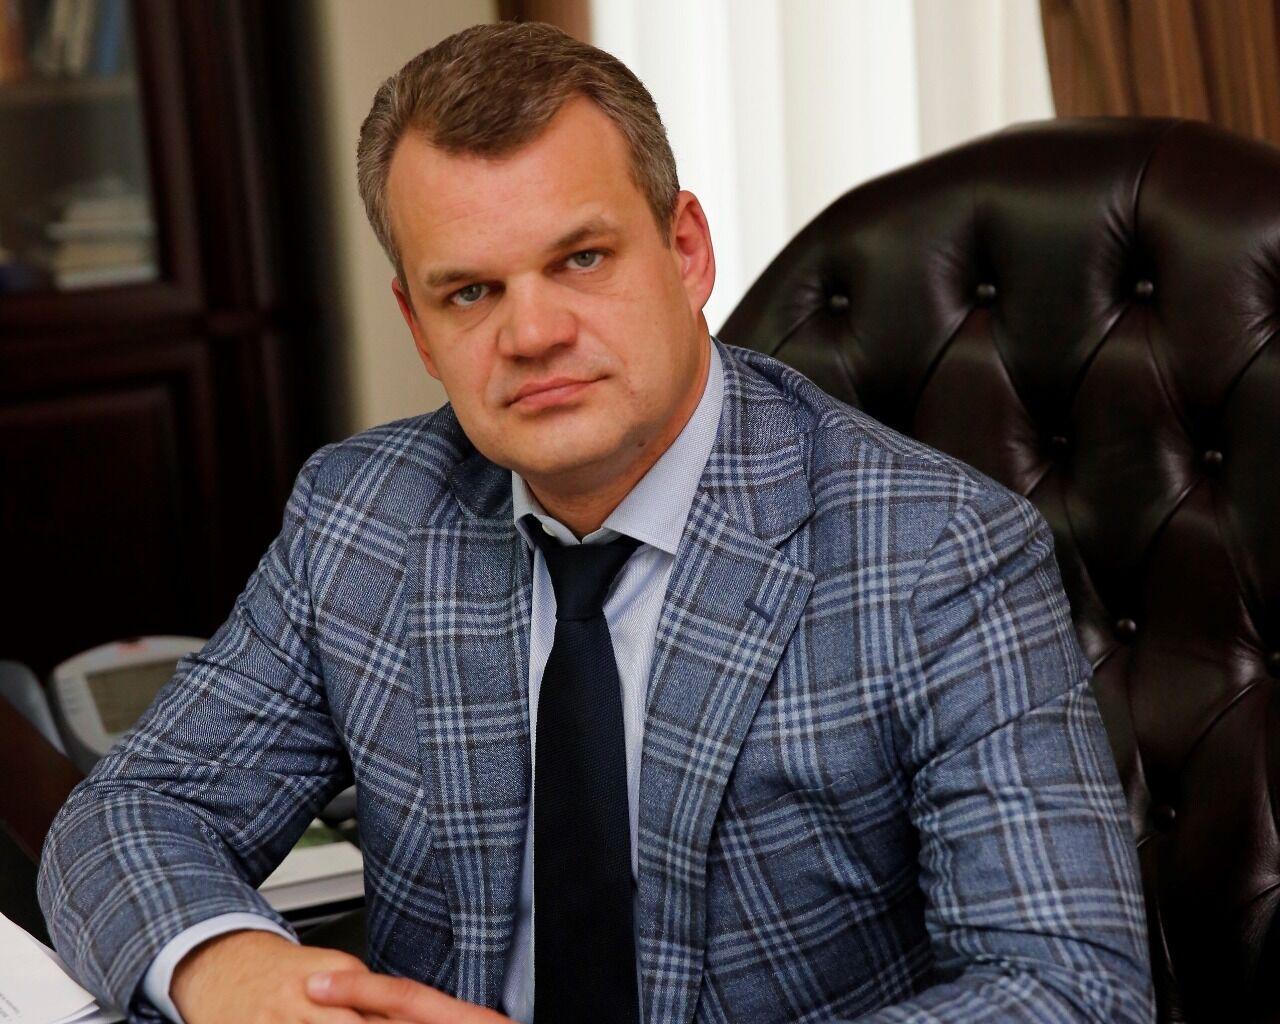 کرملین سرانجام فعالیت مظنون به جاسوسی در دفتر پوتین را تایید کرد